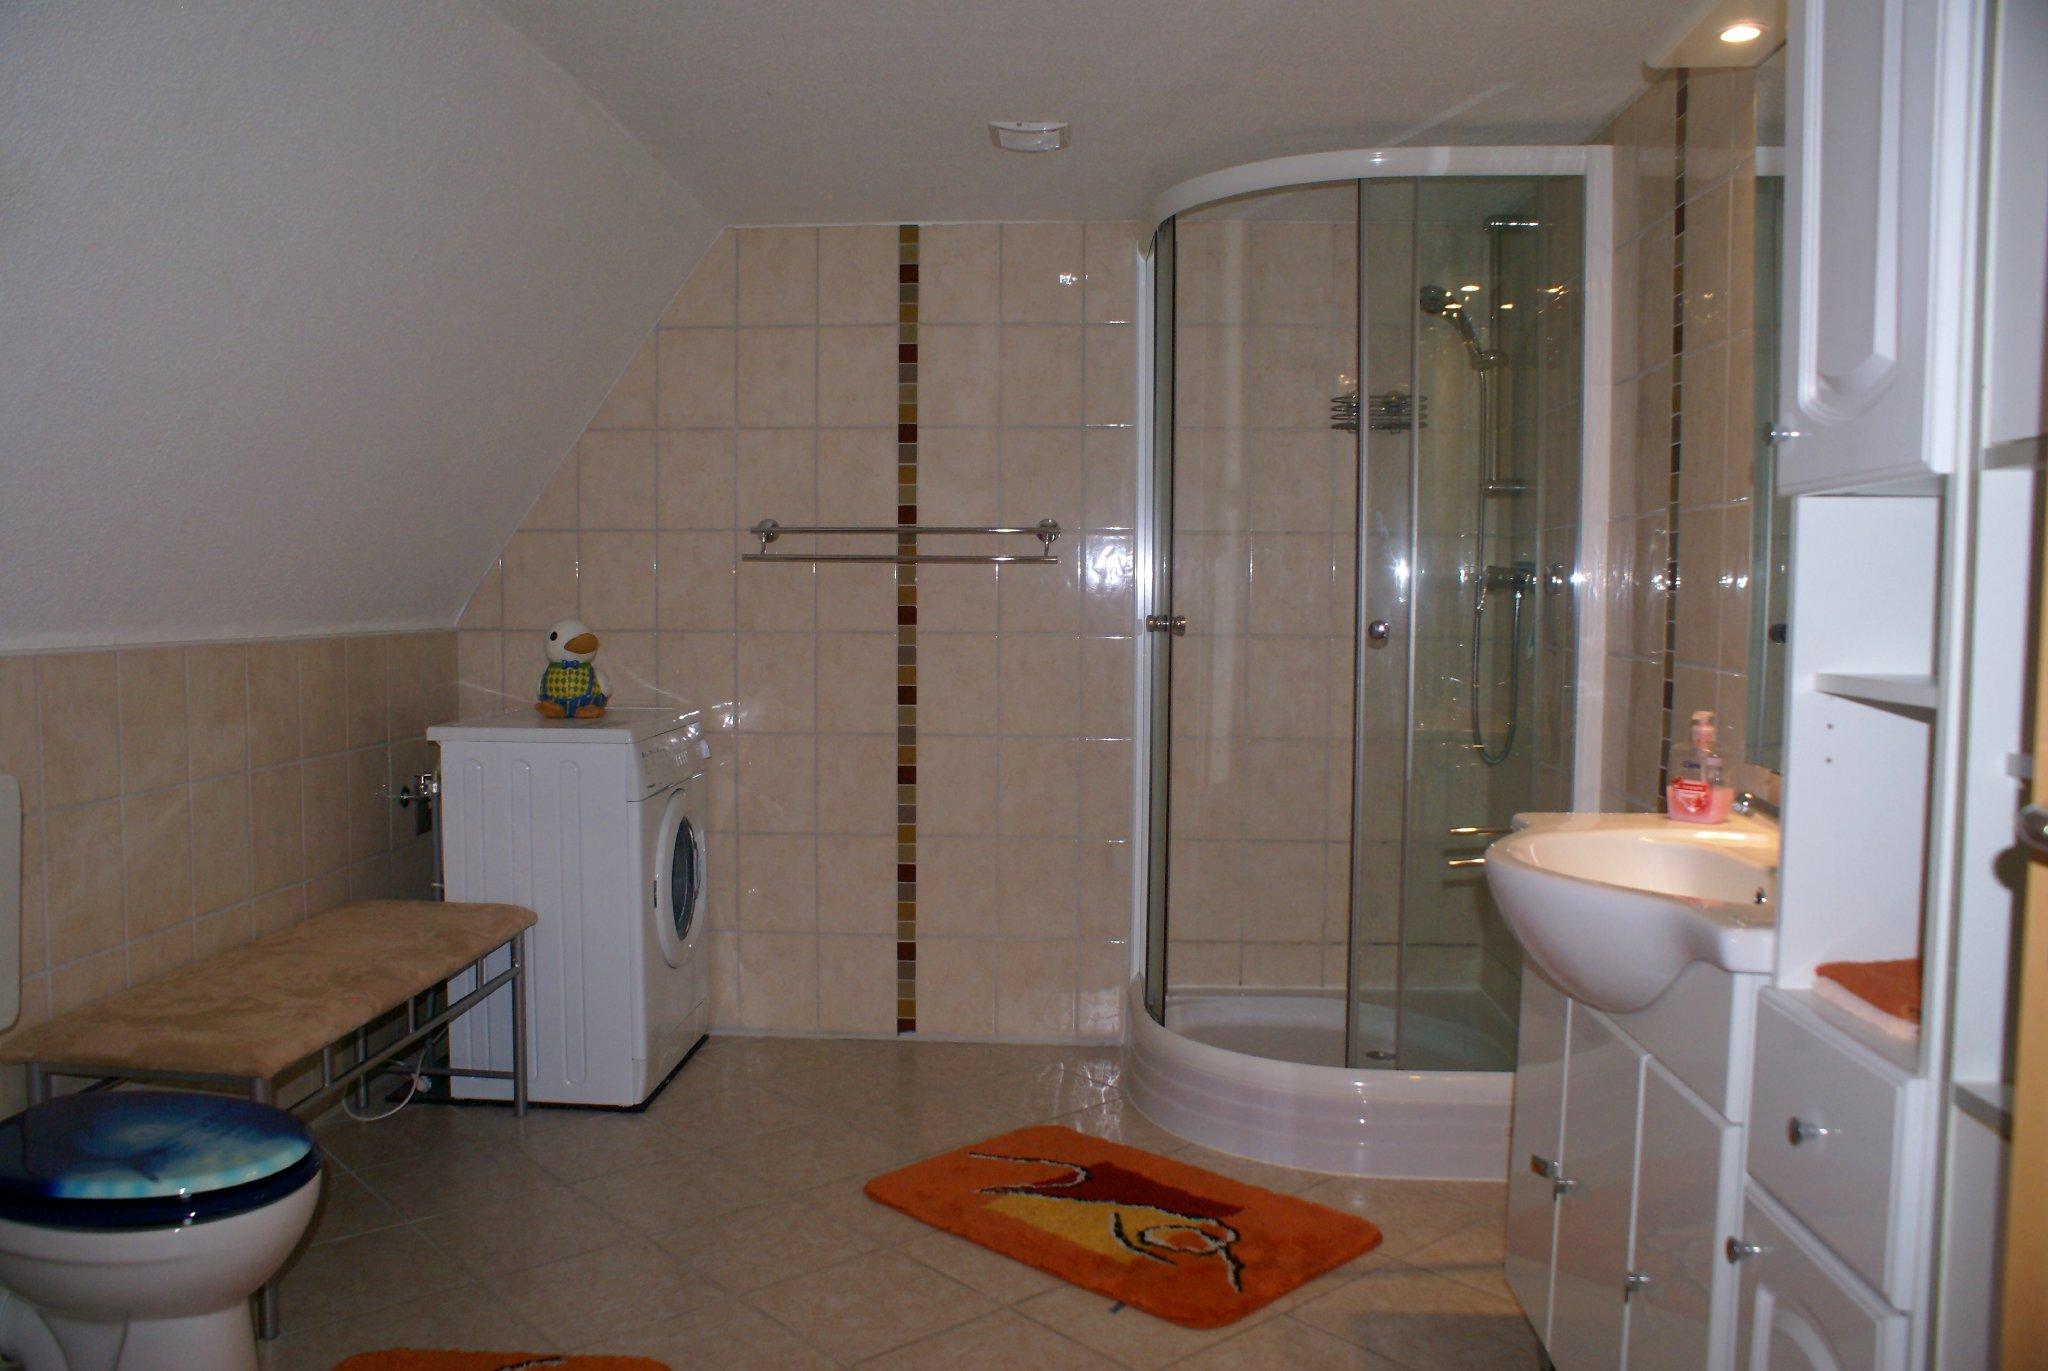 ferienwohnung tolk og in tolk schleswig holstein matthias feiler. Black Bedroom Furniture Sets. Home Design Ideas